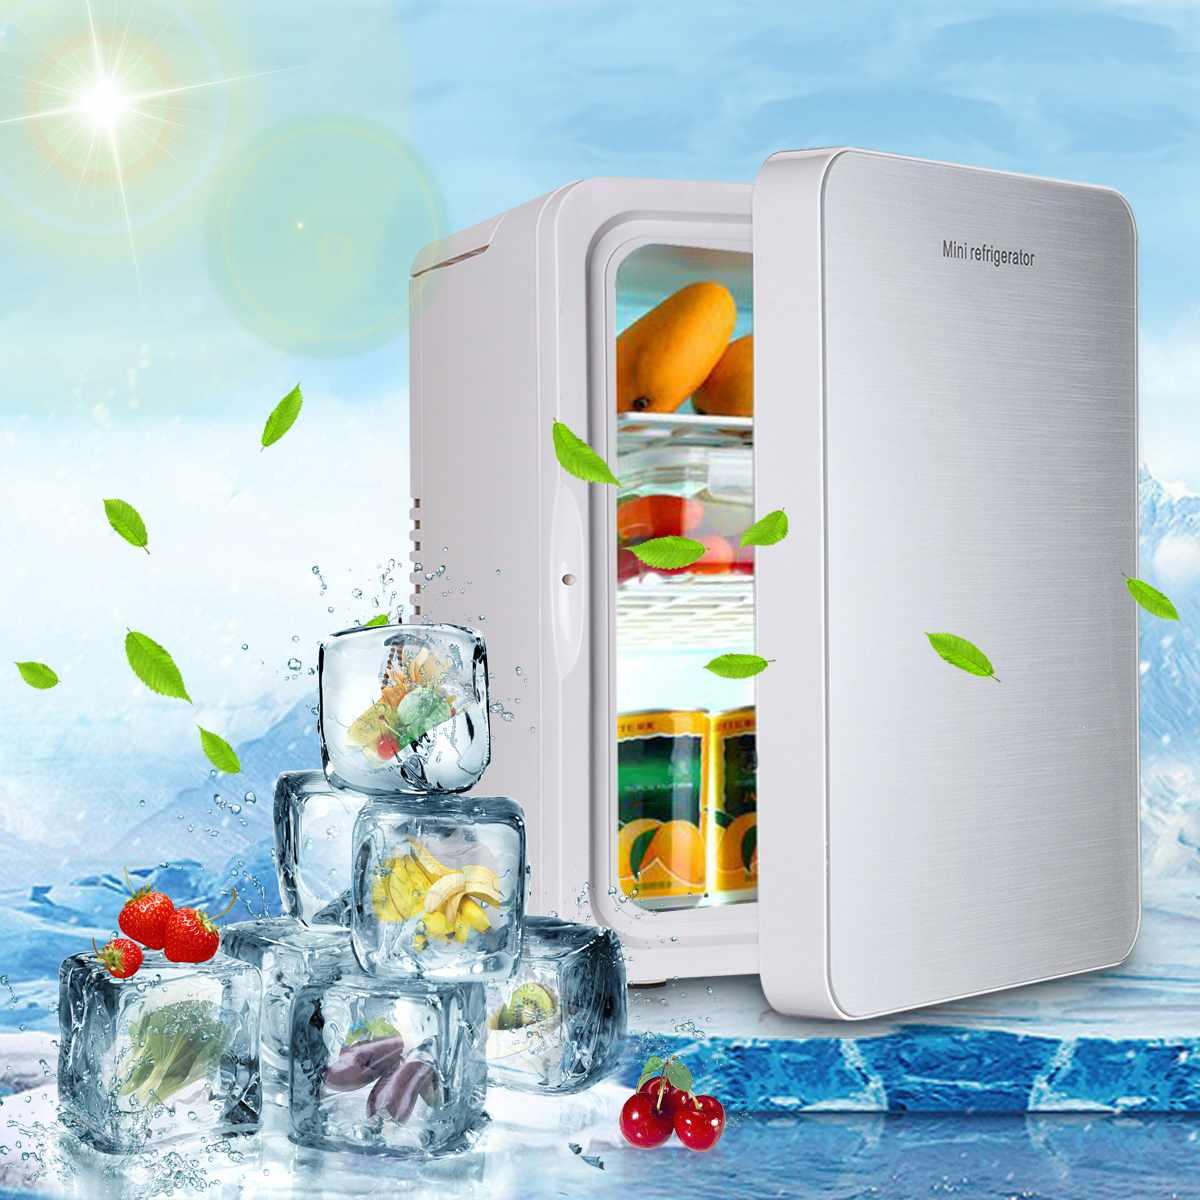 20L переносной мини холодильник 12 В/220 В автомобиль кемпинг домашний холодильник кулер и теплее низкая шум одноядерный хорошее рассеивание т